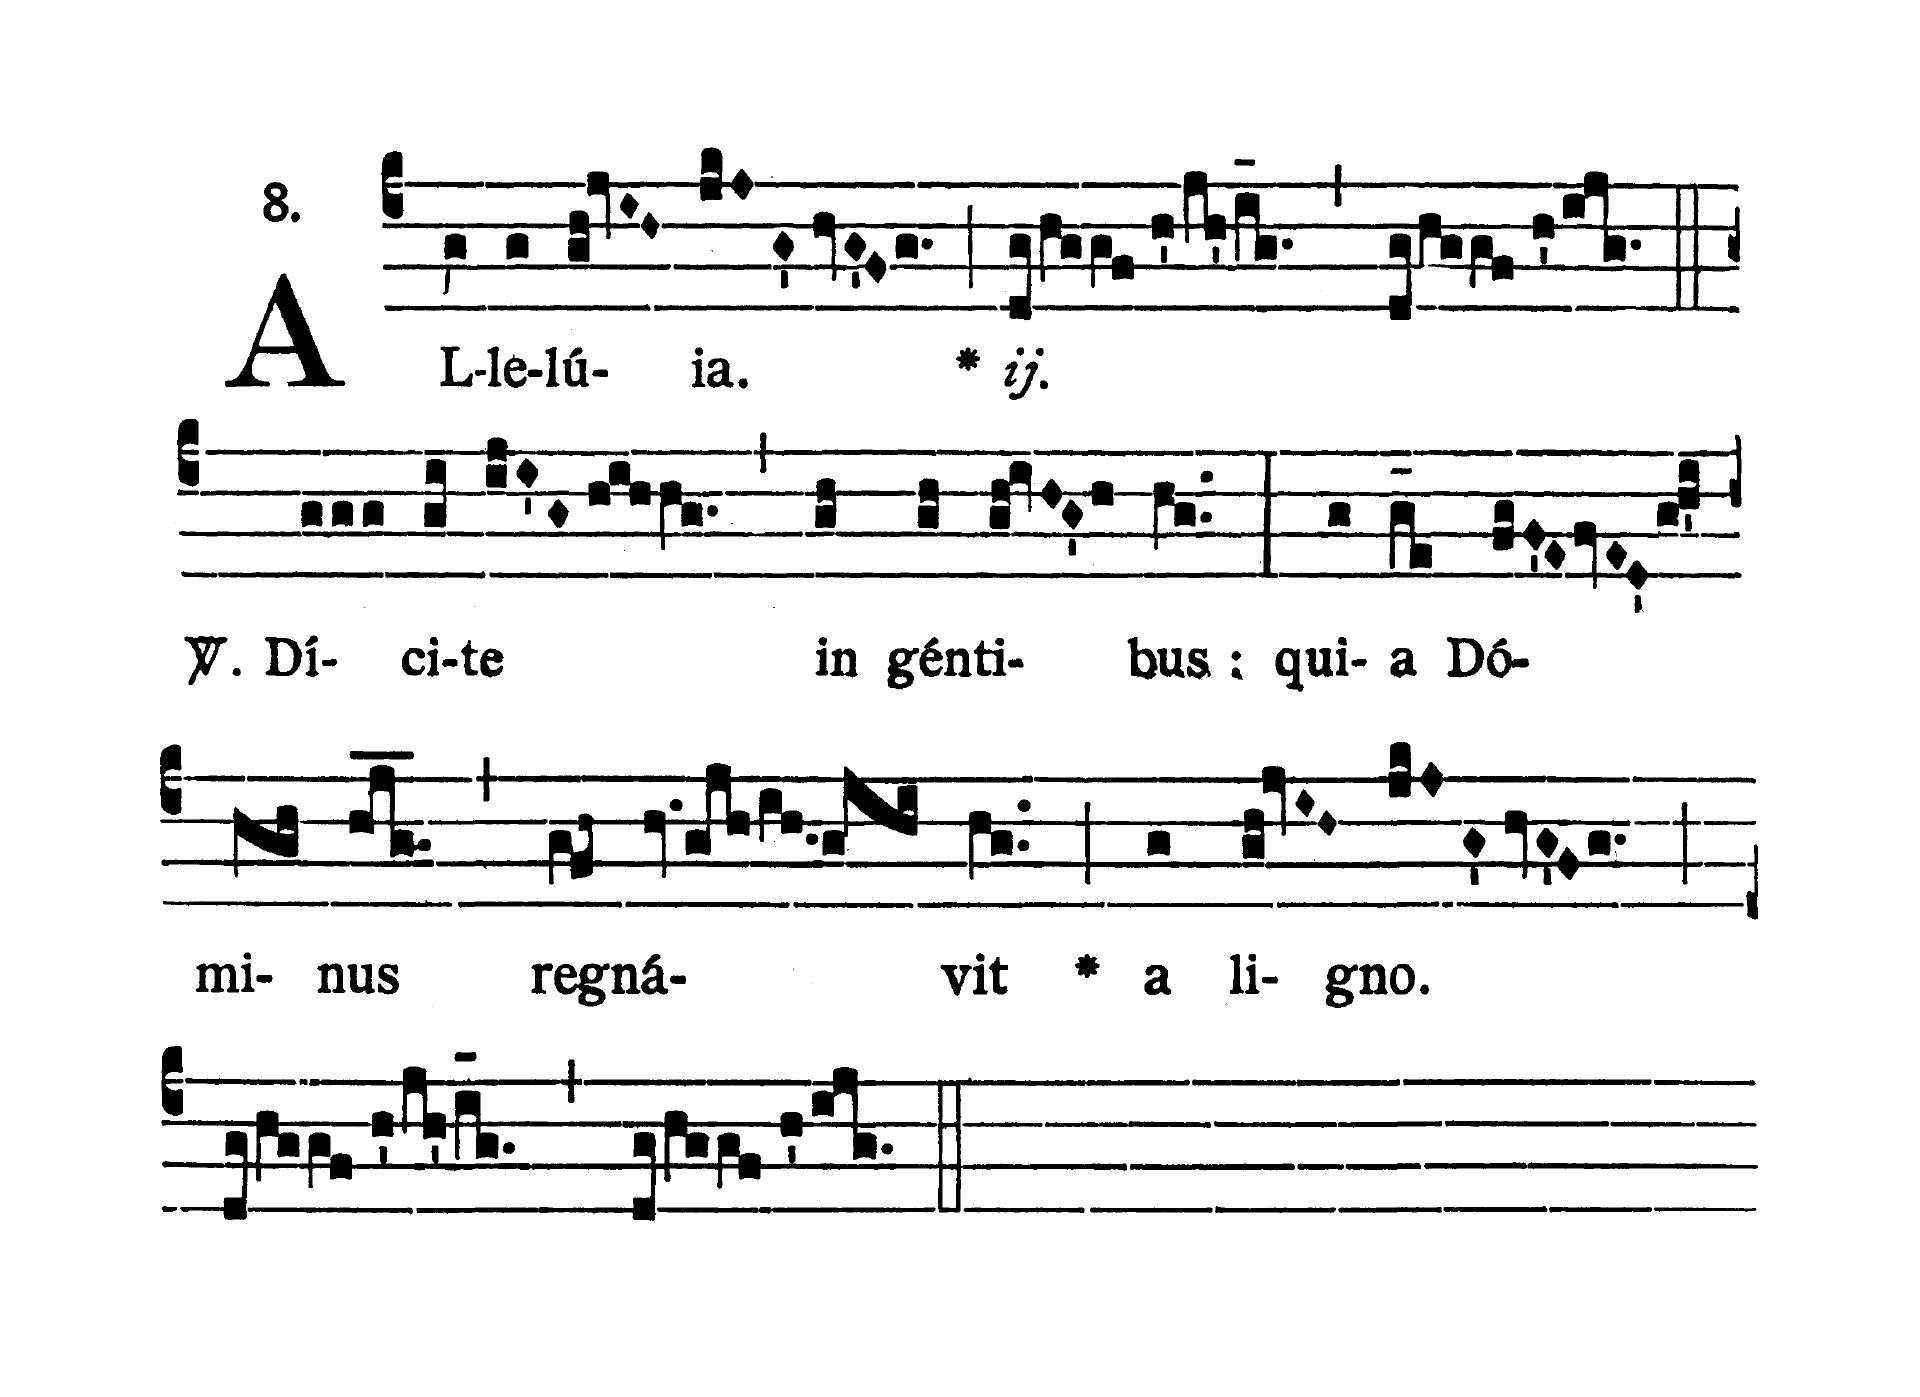 Feria sexta post Pascha (Easter Friday) - Alleluia (Dicite in gentibus)